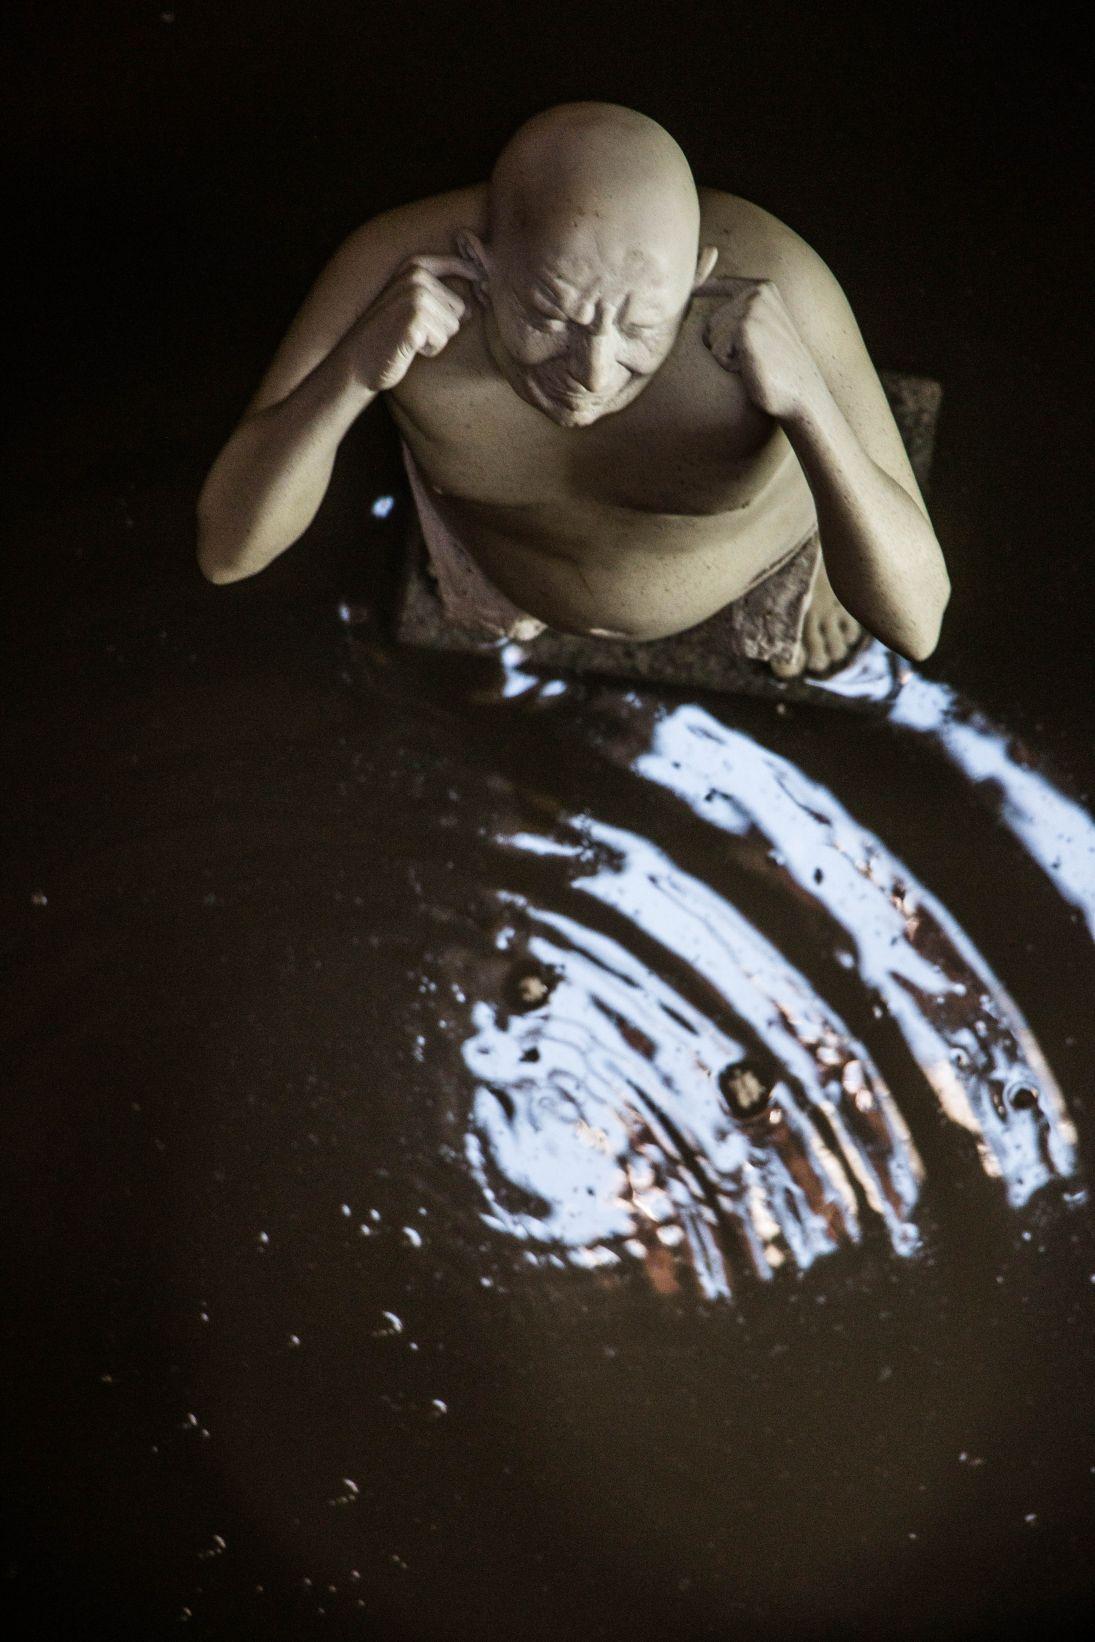 Prácticas para ocultar un cuerpo (El cadáver), (2009) - Bernardí Roig